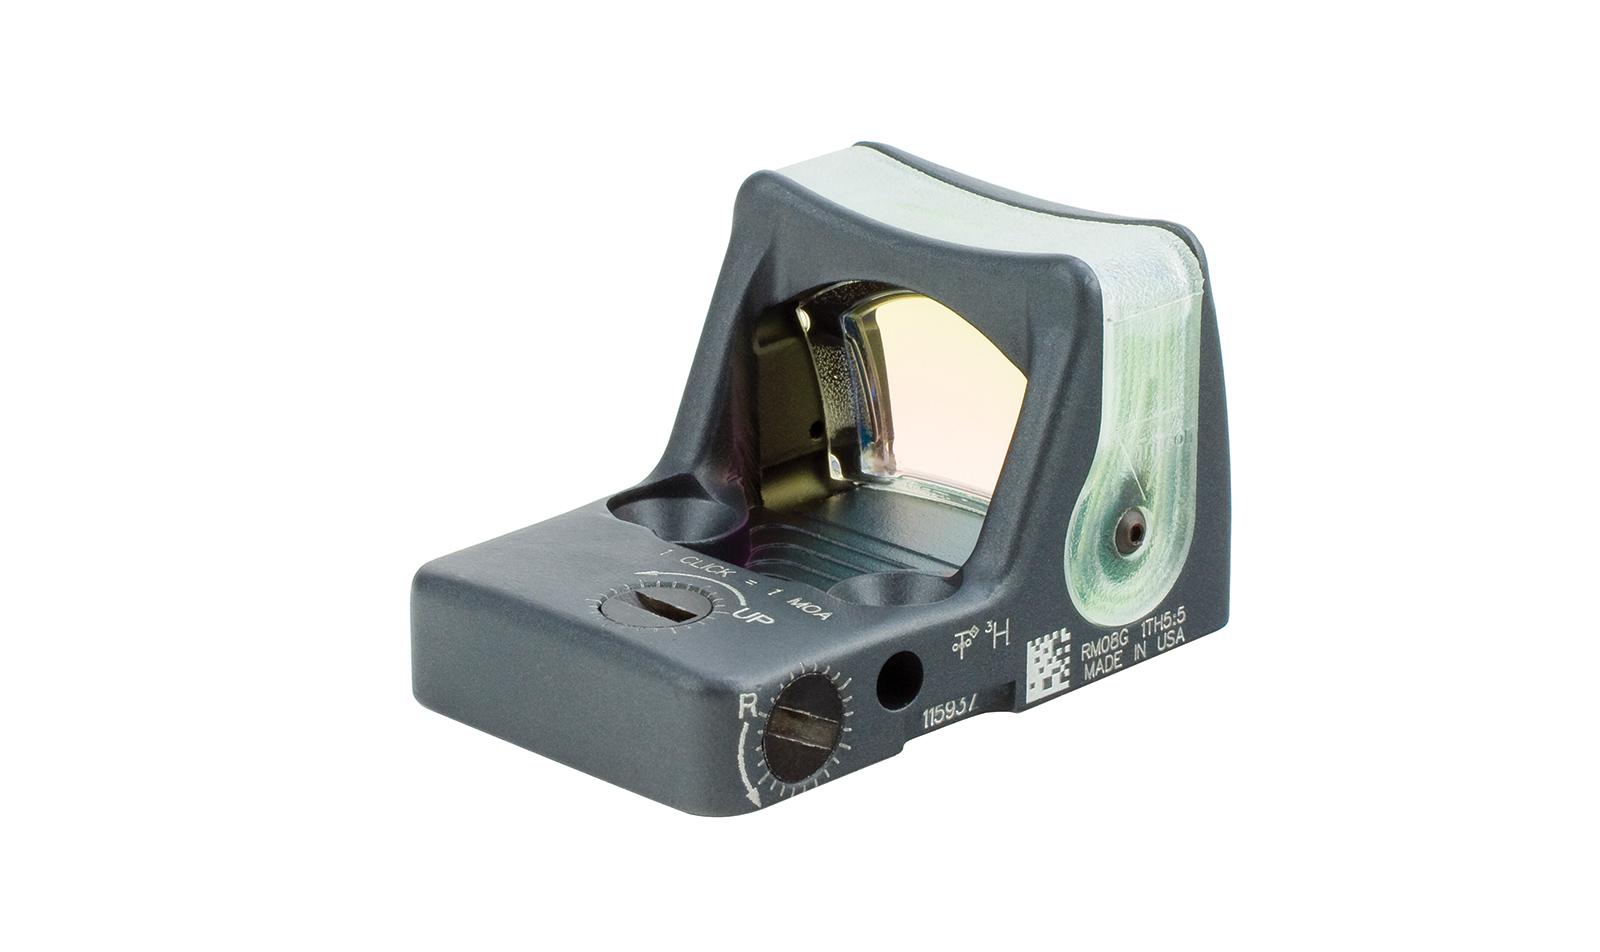 RM08-C-700280 angle 5